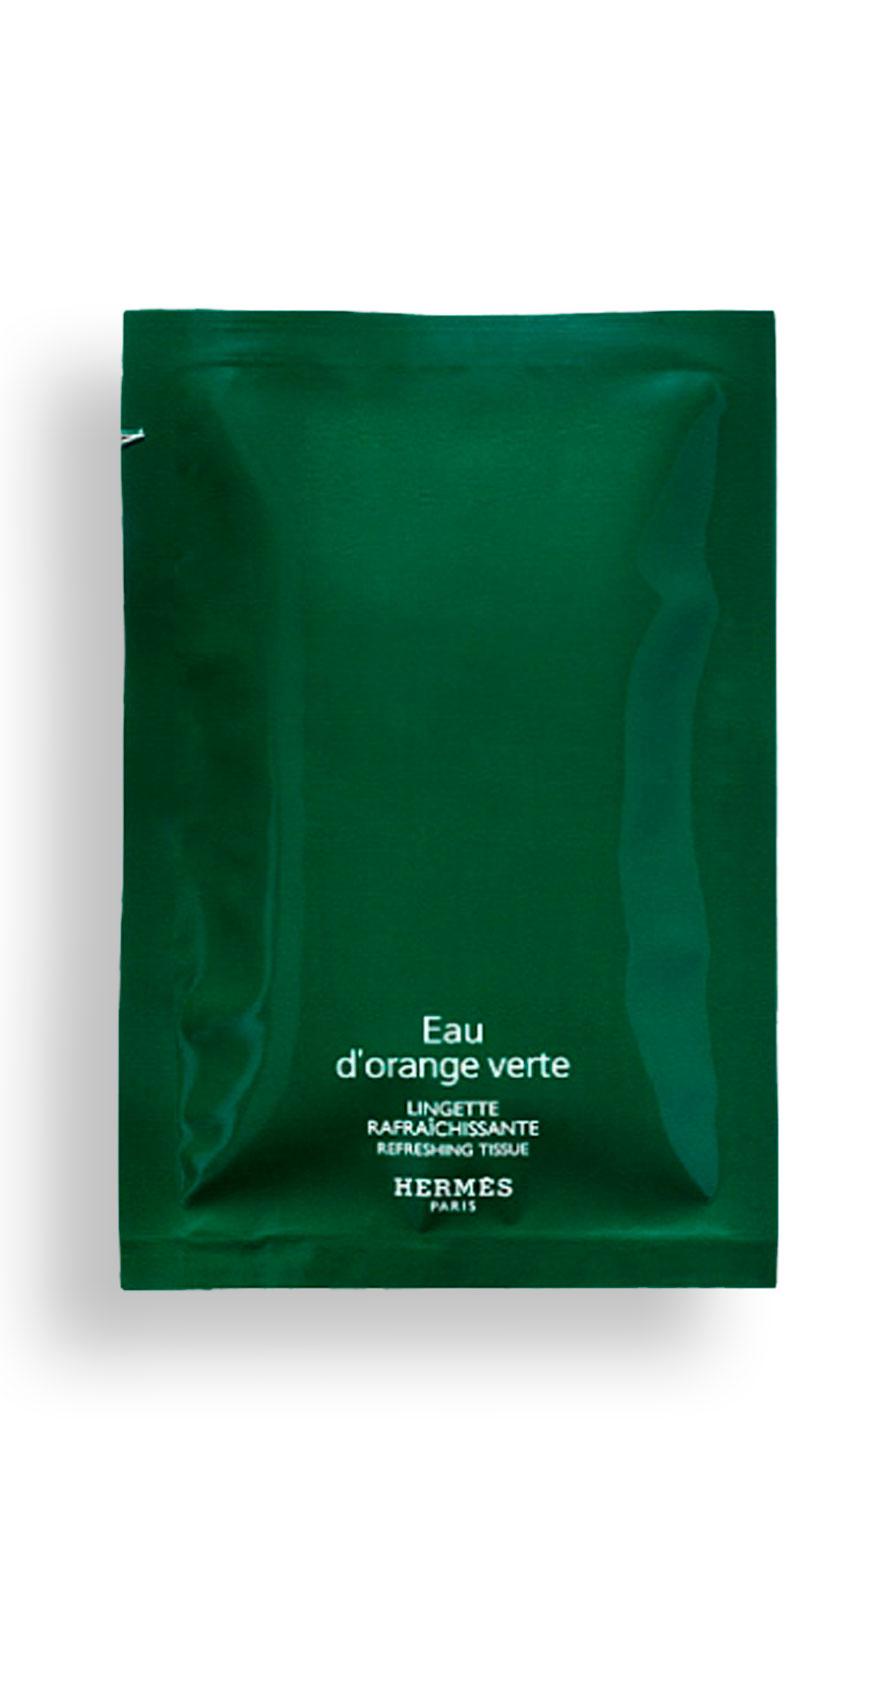 Hermès - Eau d'orange verte - Lingettes rafraîchissantes